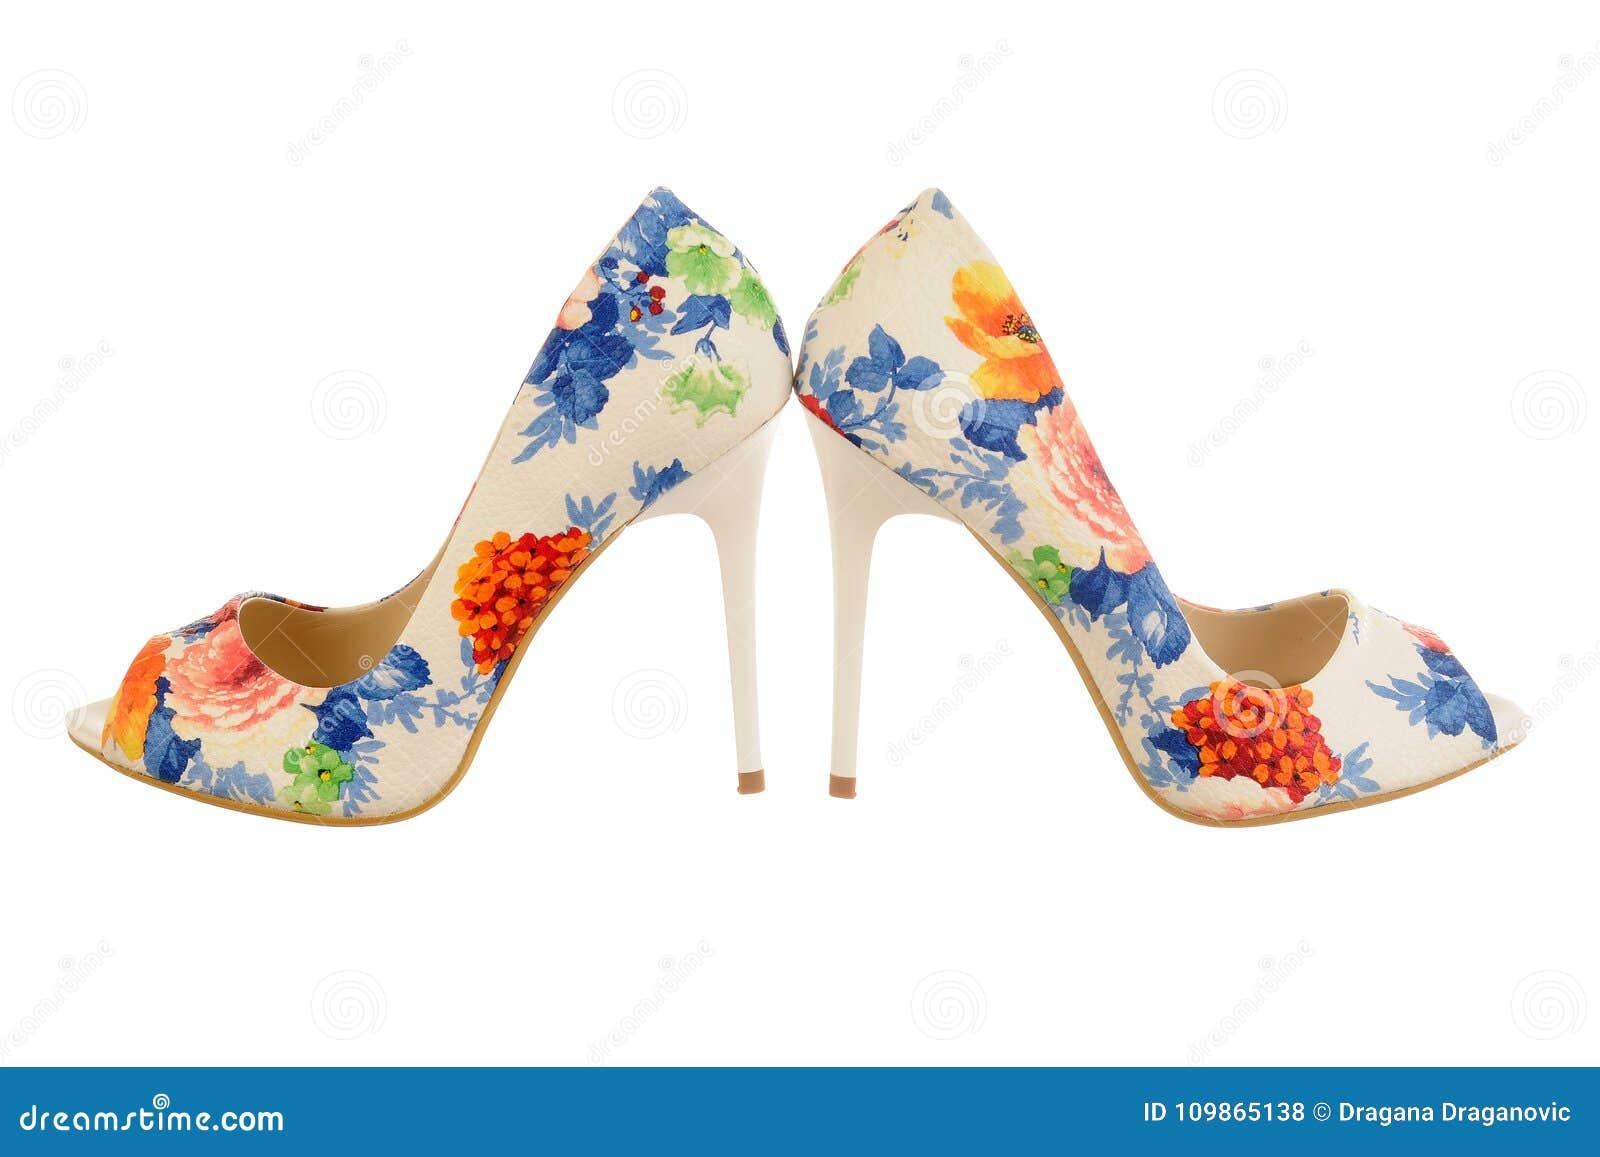 Zapatos De Las Mujeres Del Tacon Alto Del Estampado De Flores Foto